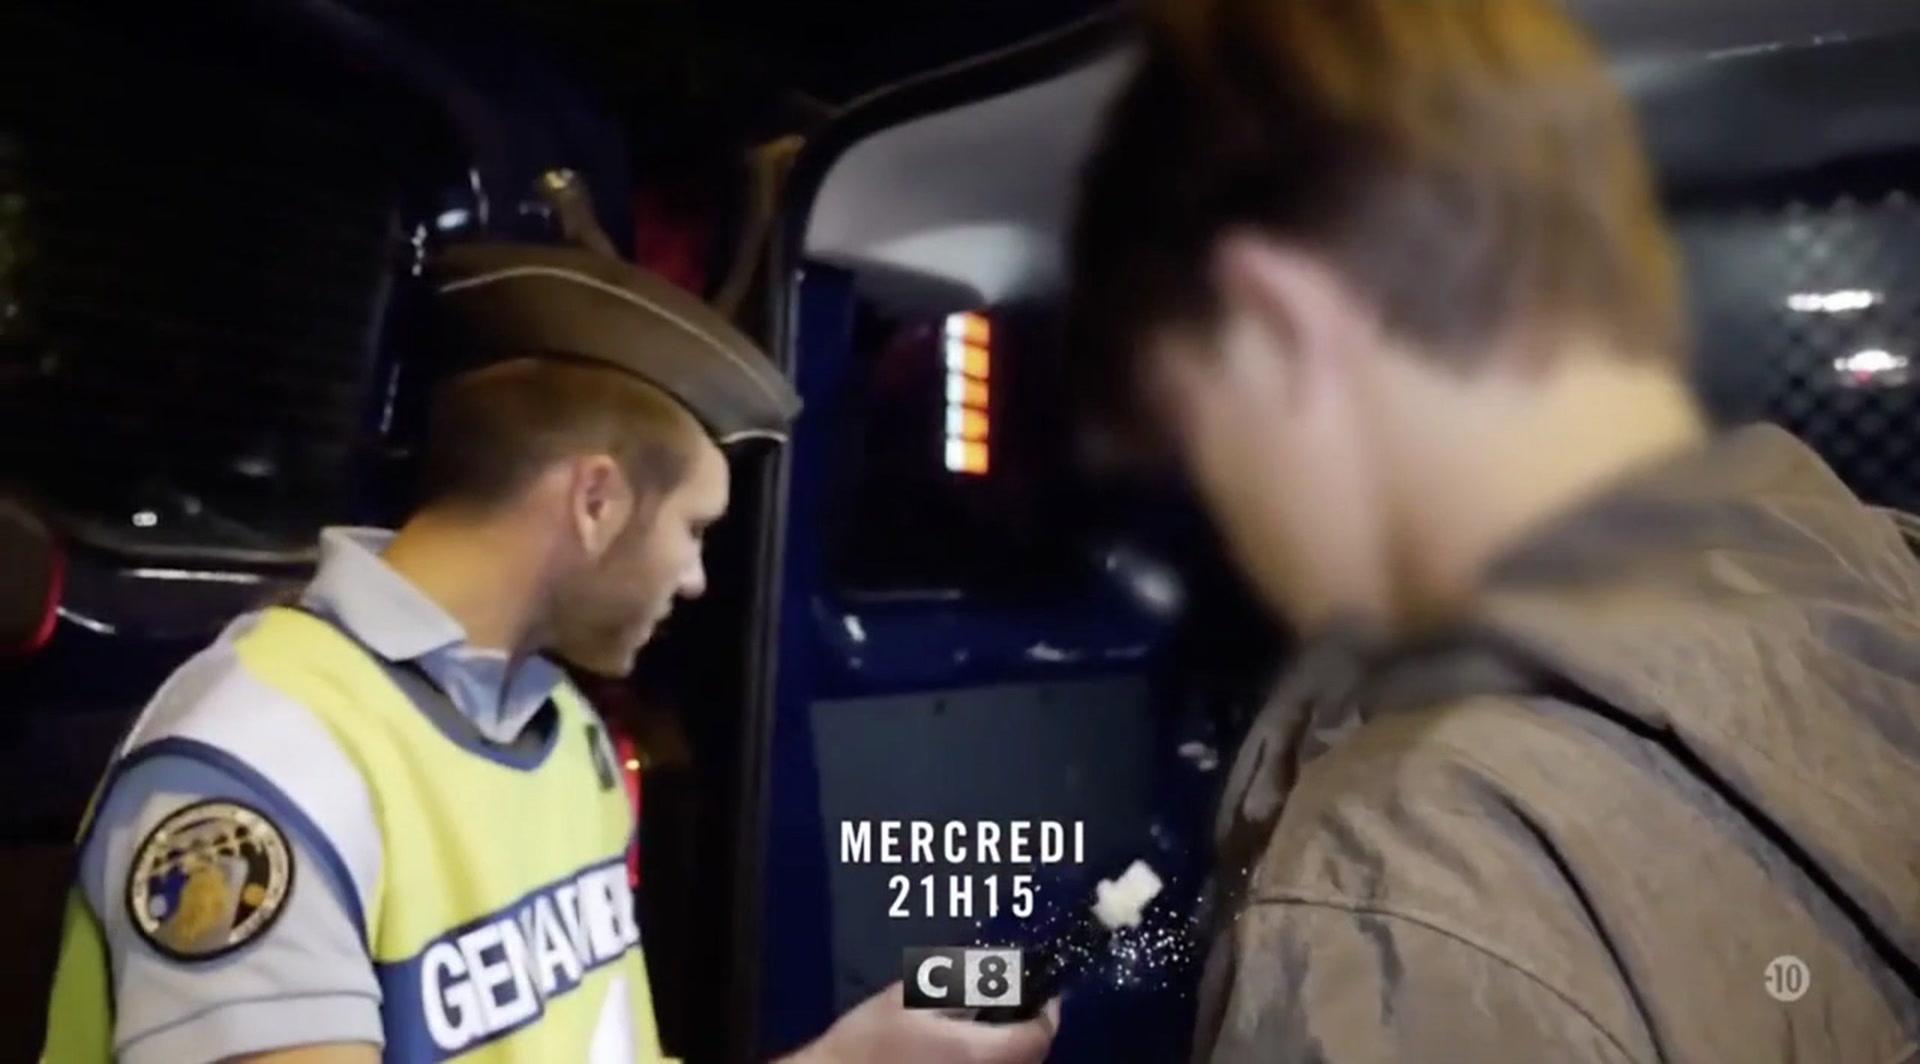 Enquête sous haute tension : Alcool et drogues au volant, interpellations musclées, accidents : 100 jours avec les gendarmes de Nîmes (n°3)